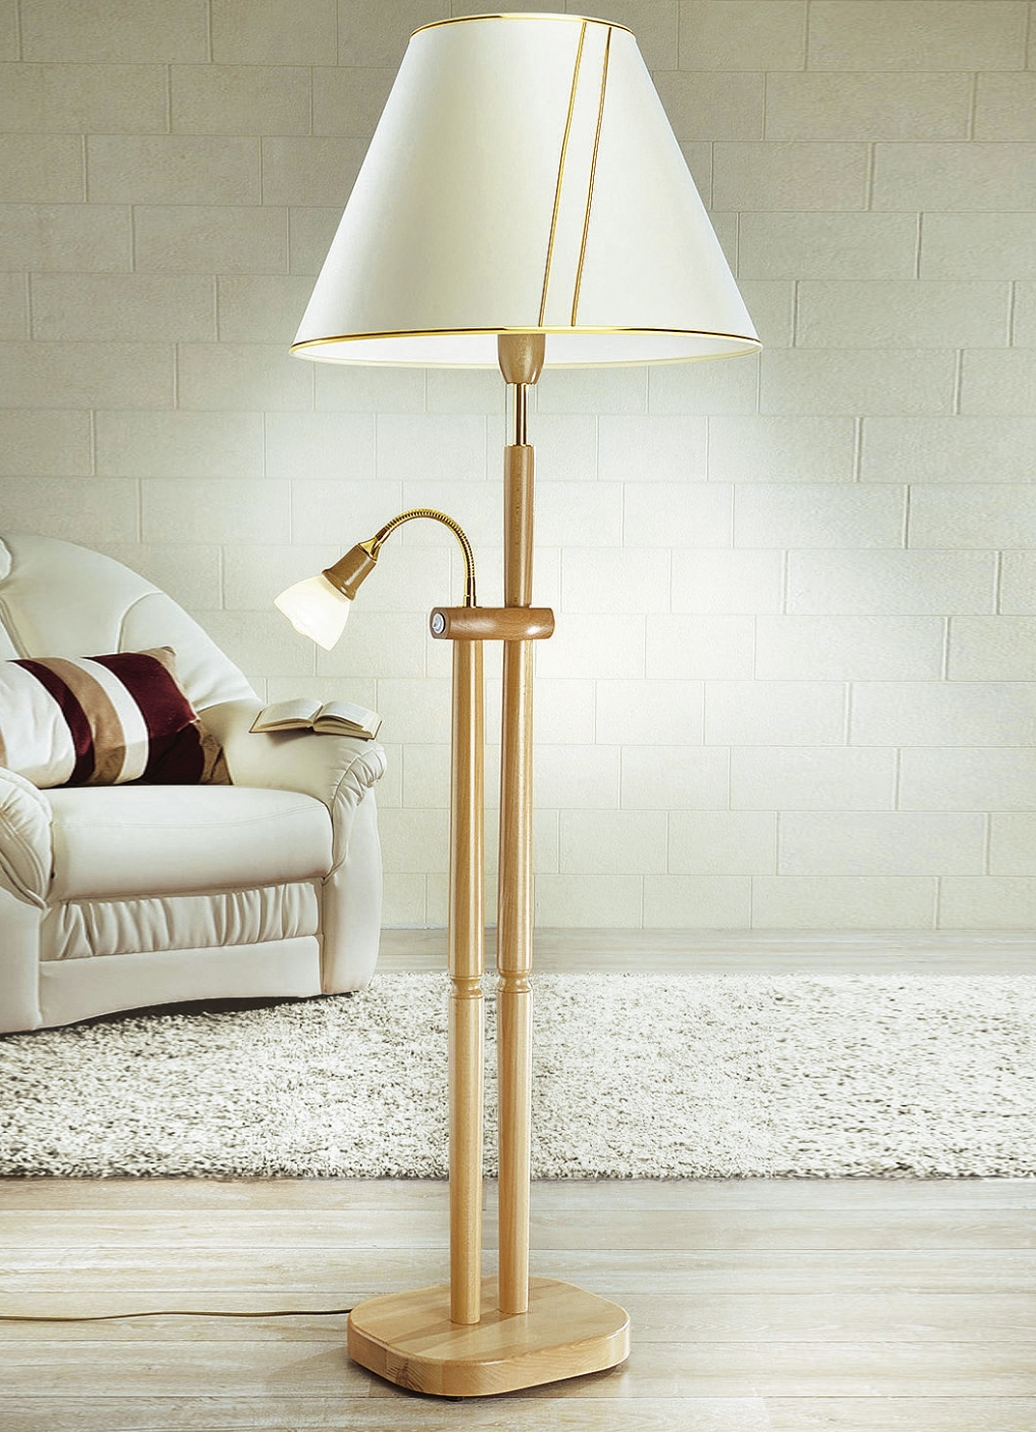 stehleuchte mit leselampe verschiedene farben lampen leuchten brigitte hachenburg. Black Bedroom Furniture Sets. Home Design Ideas